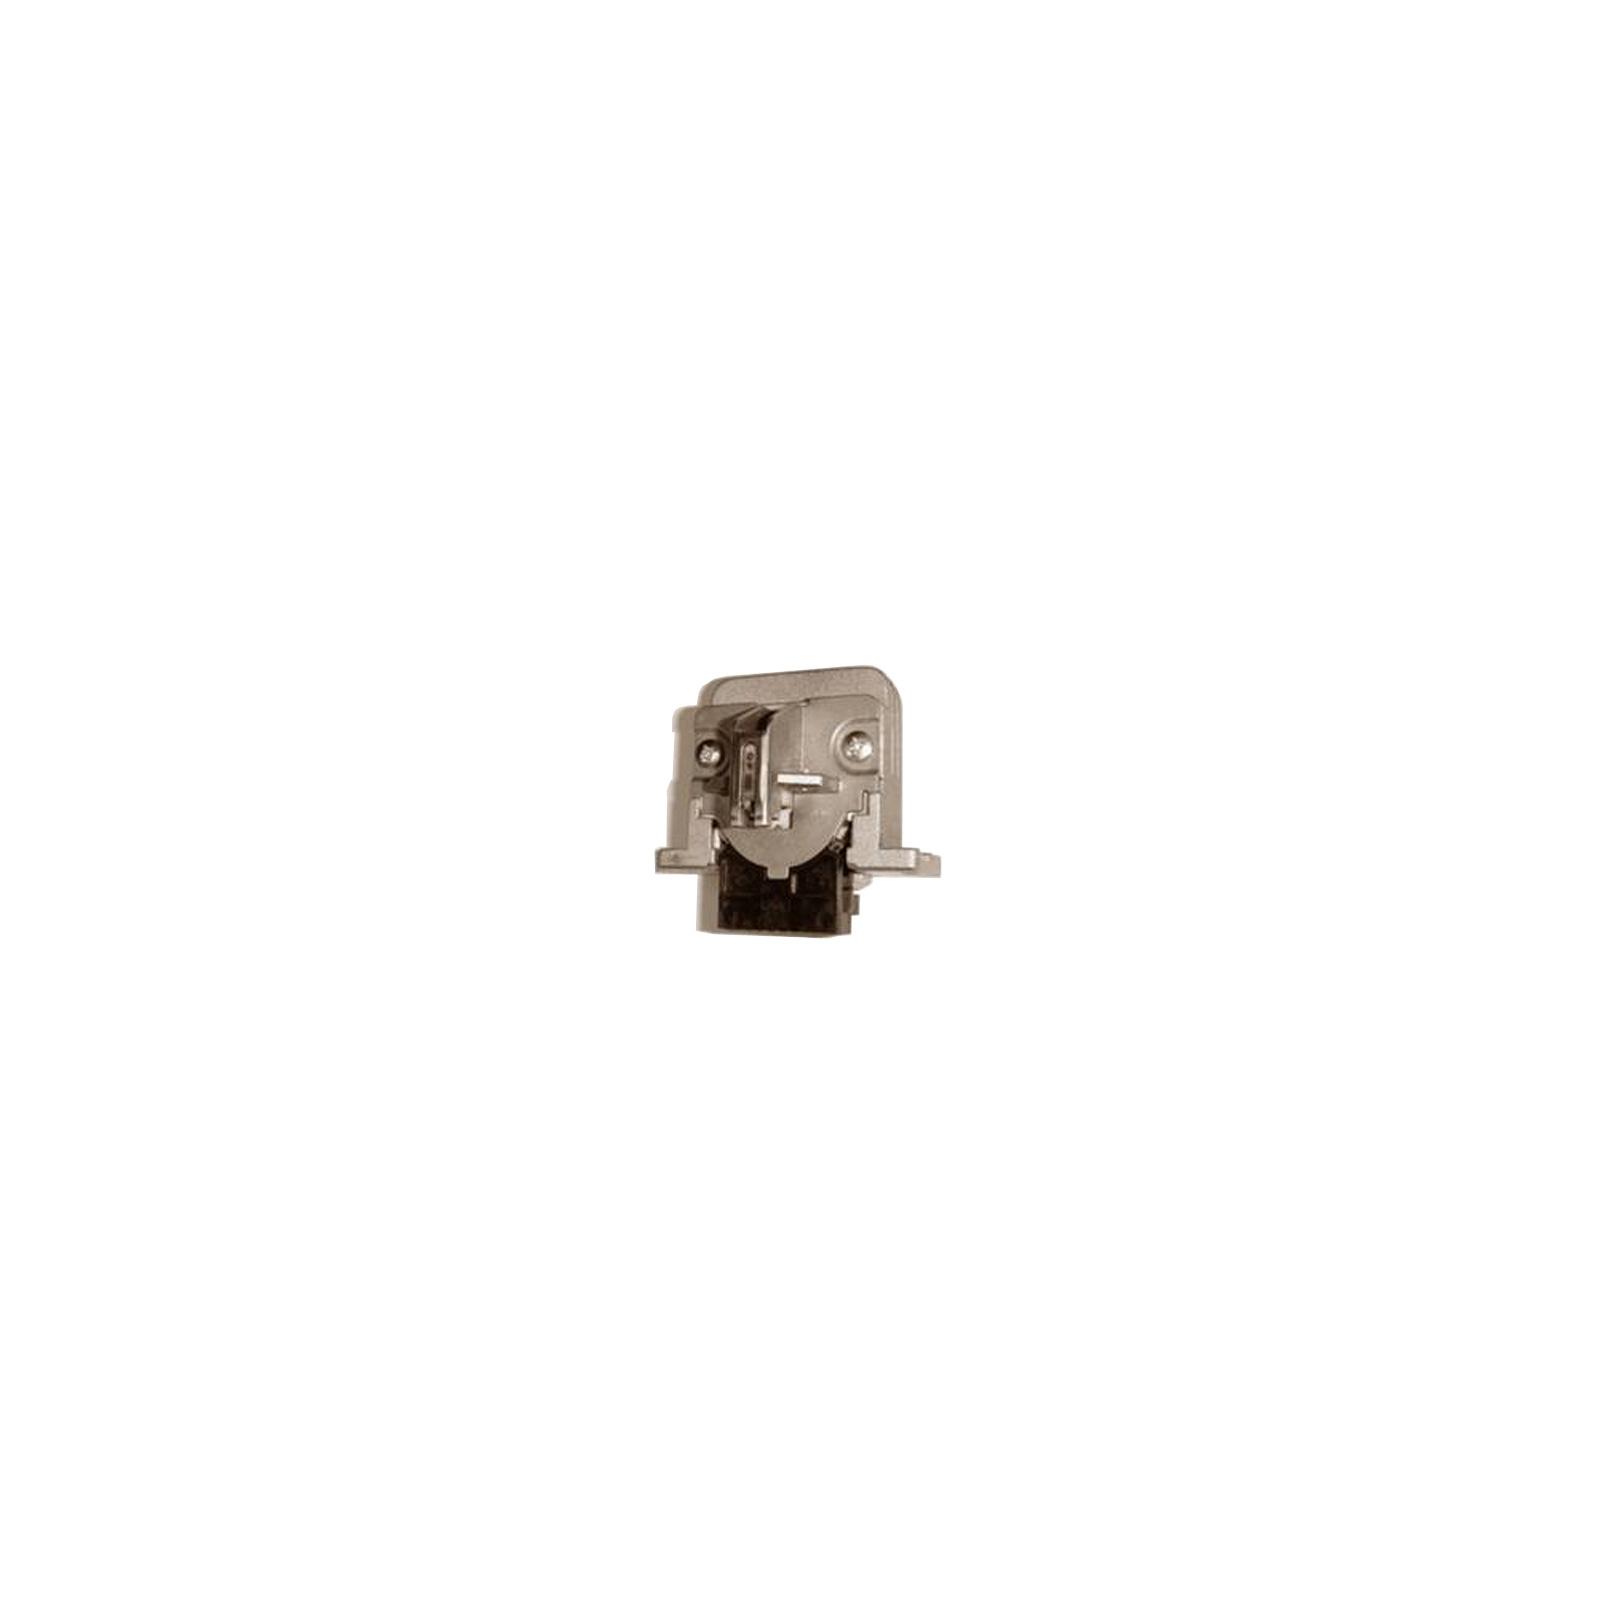 Печатающая головка EPSON FX890/2190 (1267348/1275824)